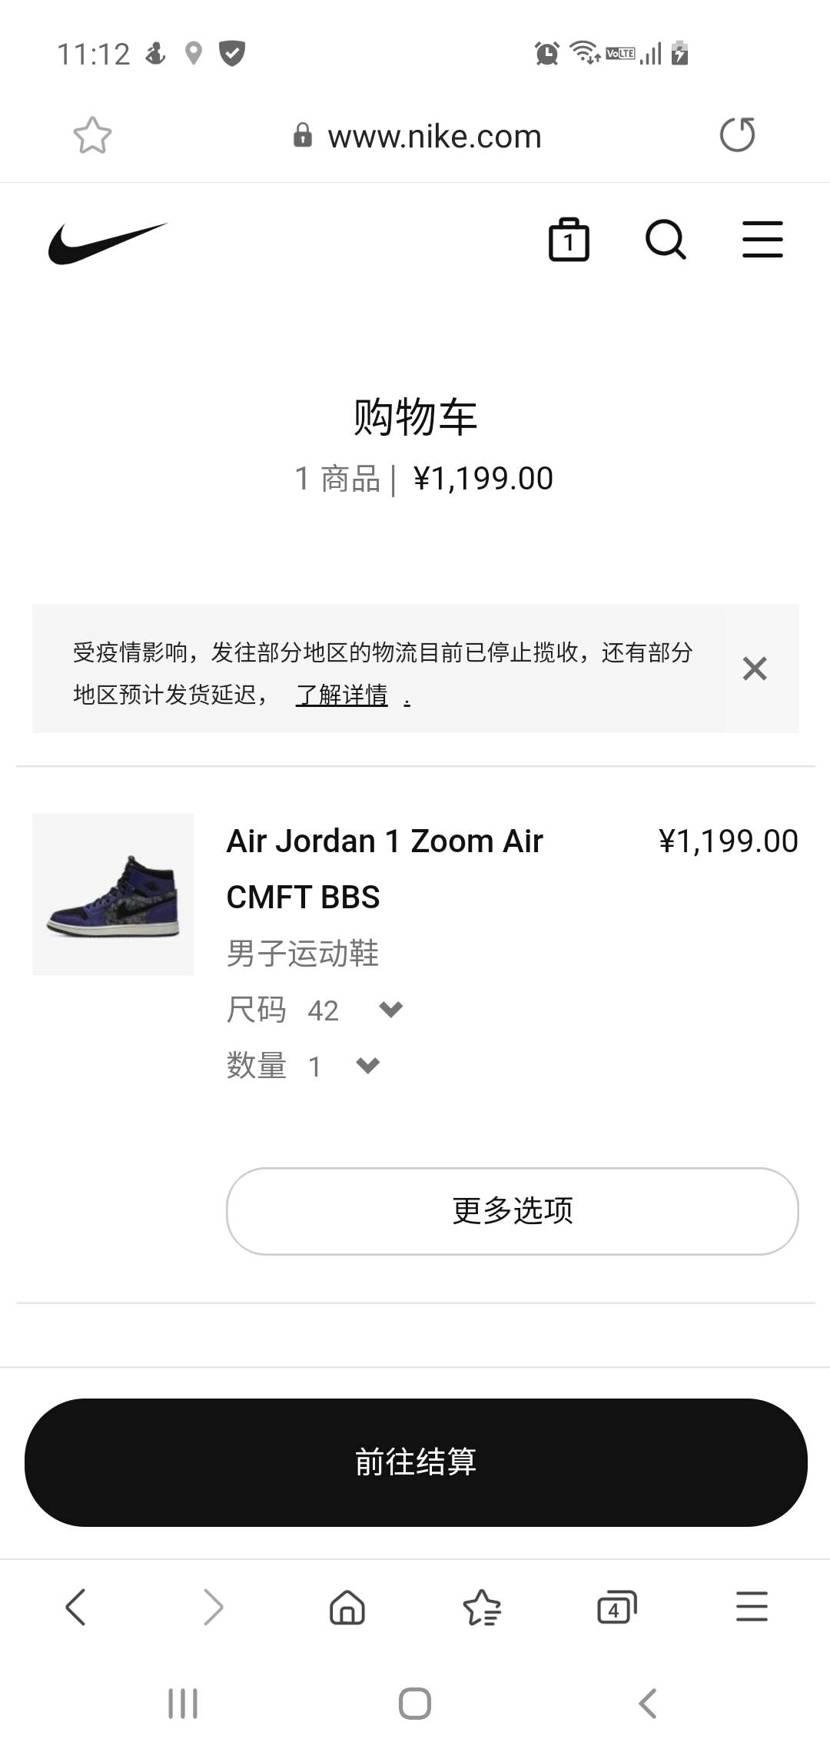 NIKEメールから見たら 中国SNKRSに このAir Jordan 1 Zoo